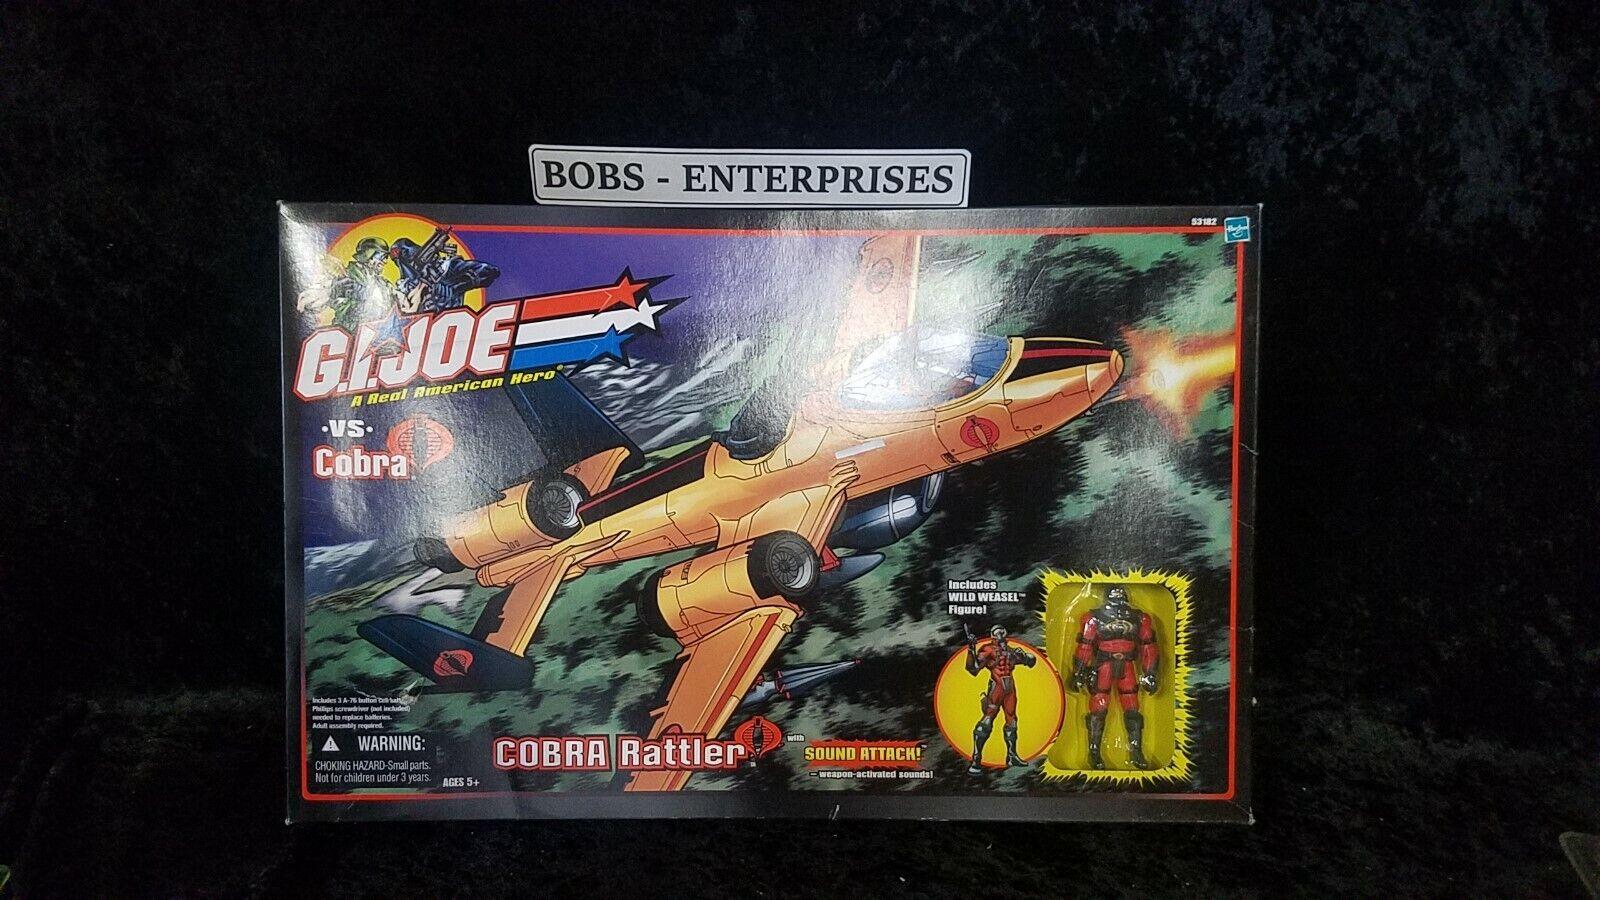 Gi Joe Vs Cobra Rattler Wild Weasel Juguetesrus exclusivo avión con-nuevo en paquete SB-33